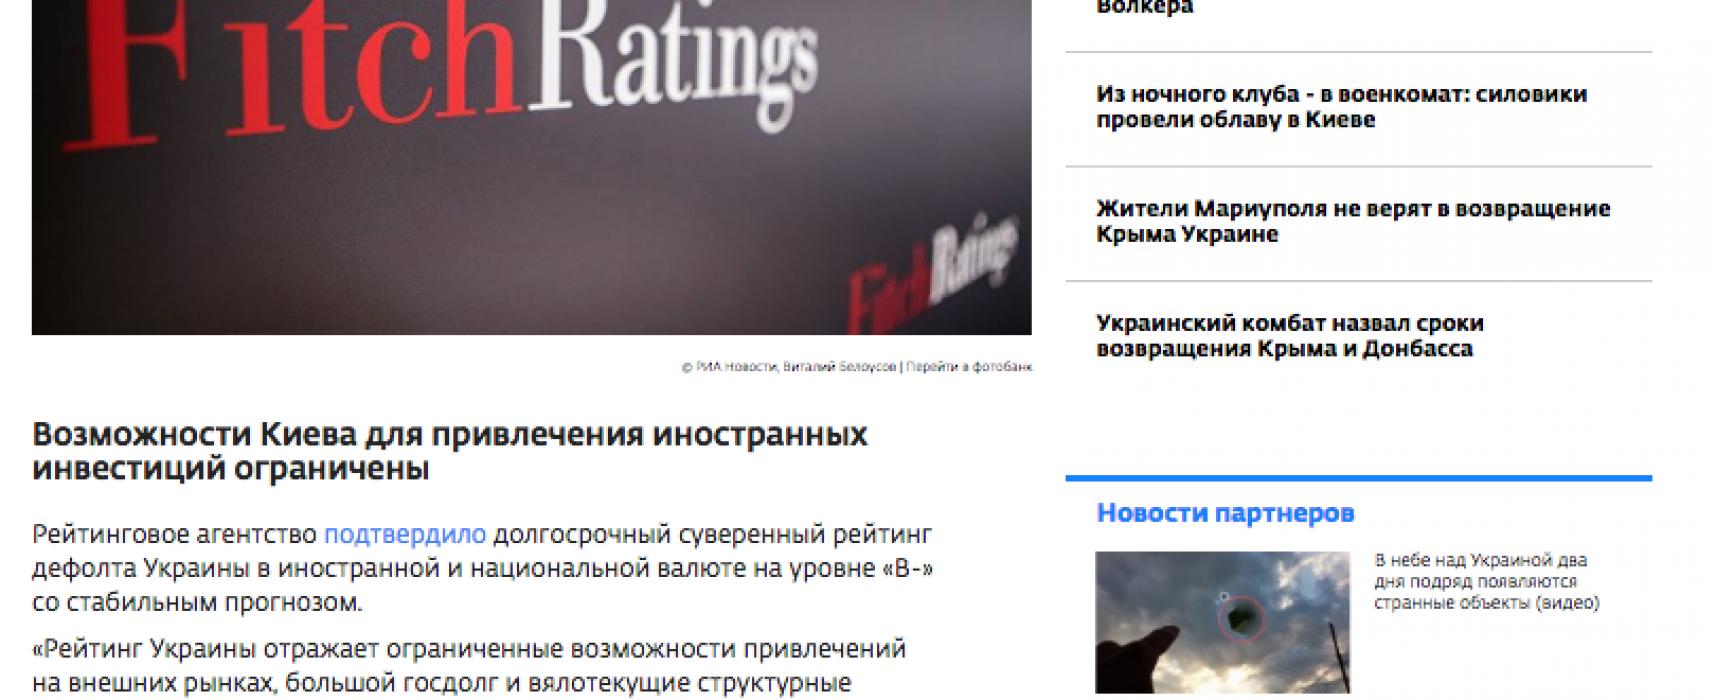 Fake: Les prévisions actuelles de l'Agence Fitch à propos de l'Ukraine sont décevantes